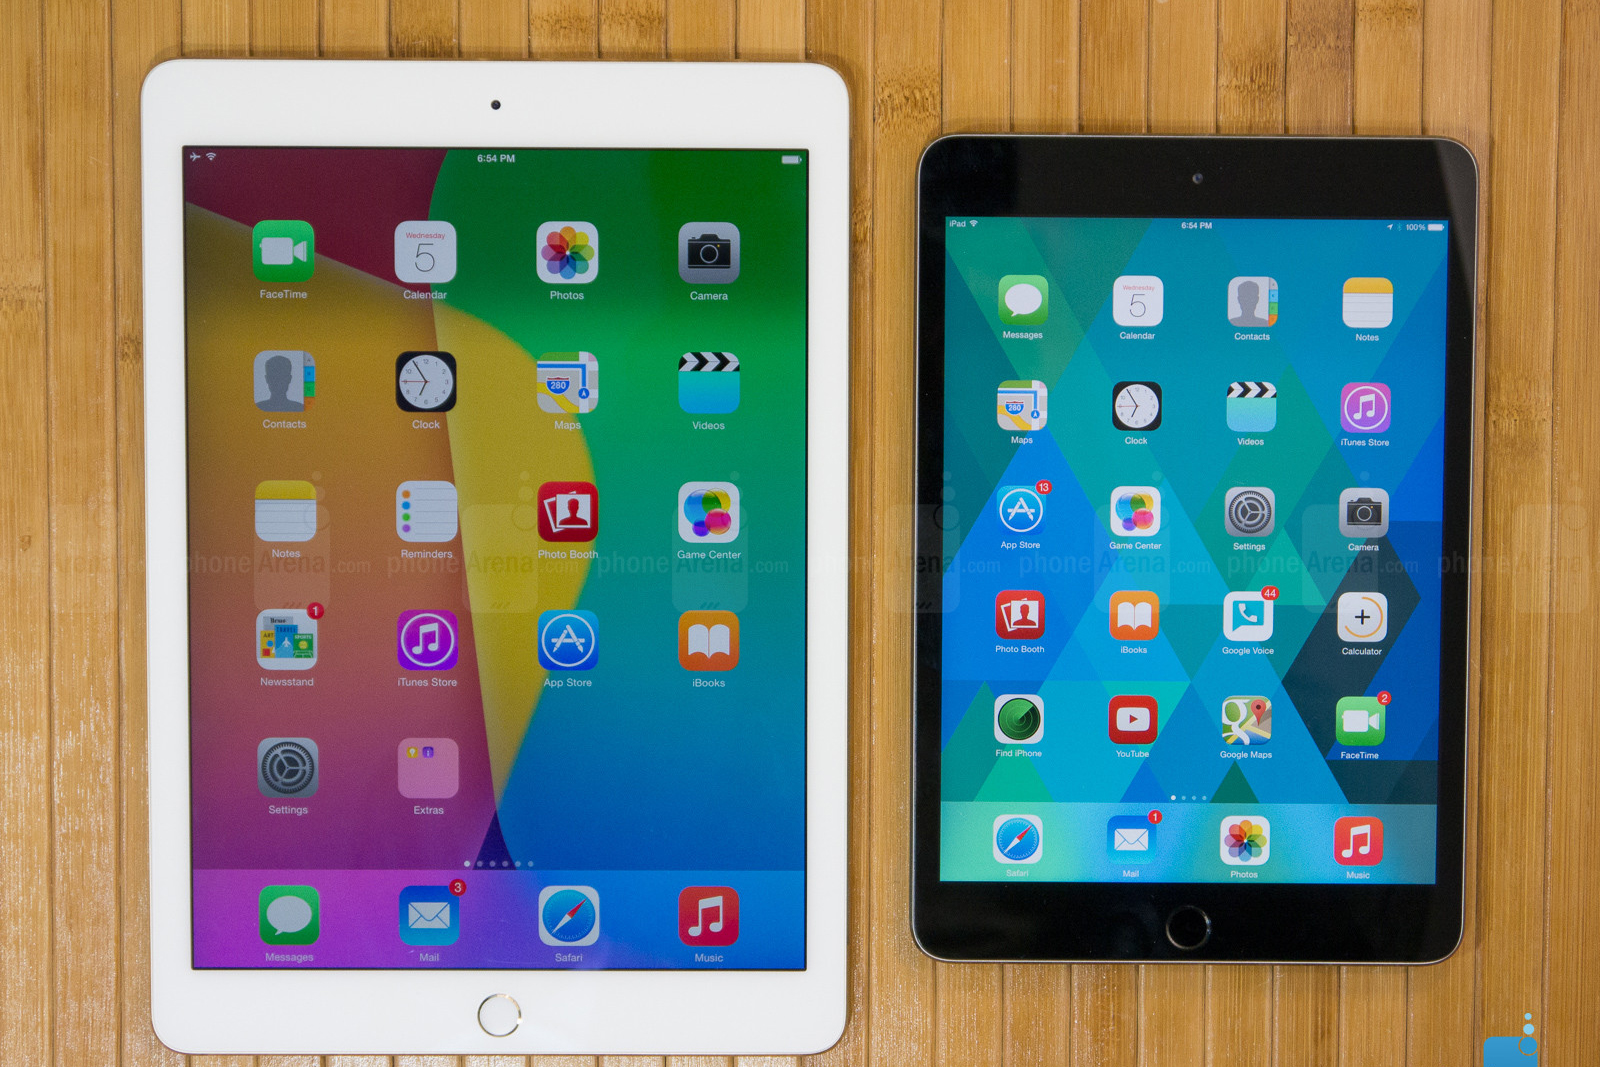 平板該選誰?新 iPad 與 iPad mini 4 的三大對決! | 自由電子報 3C科技